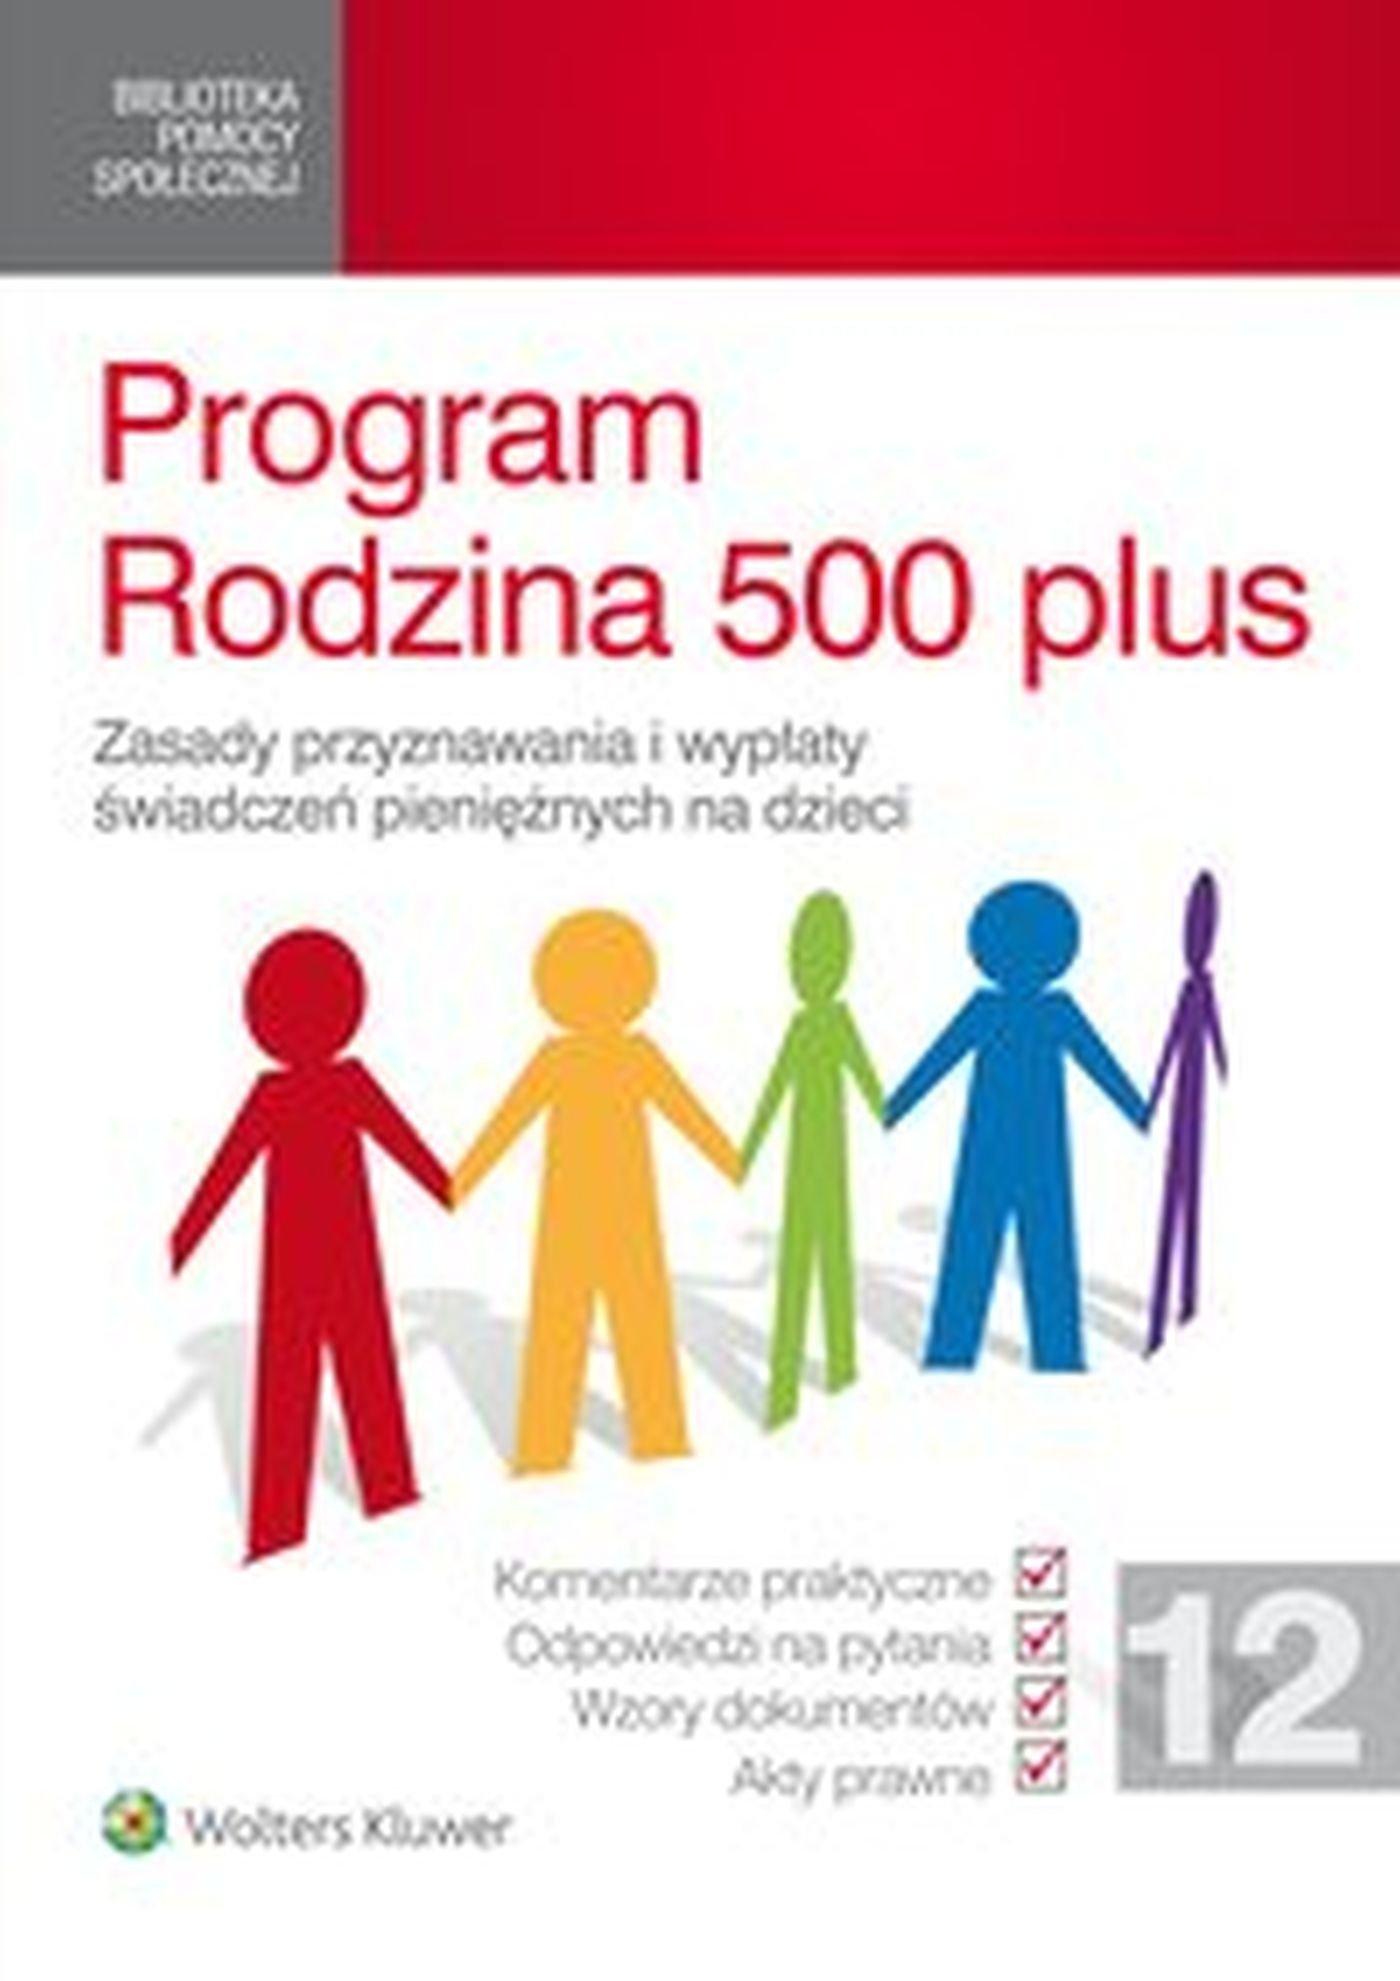 Program Rodzina 500 plus. Zasady przyznawania i wypłaty świadczeń pieniężnych na dzieci - Ebook (Książka EPUB) do pobrania w formacie EPUB